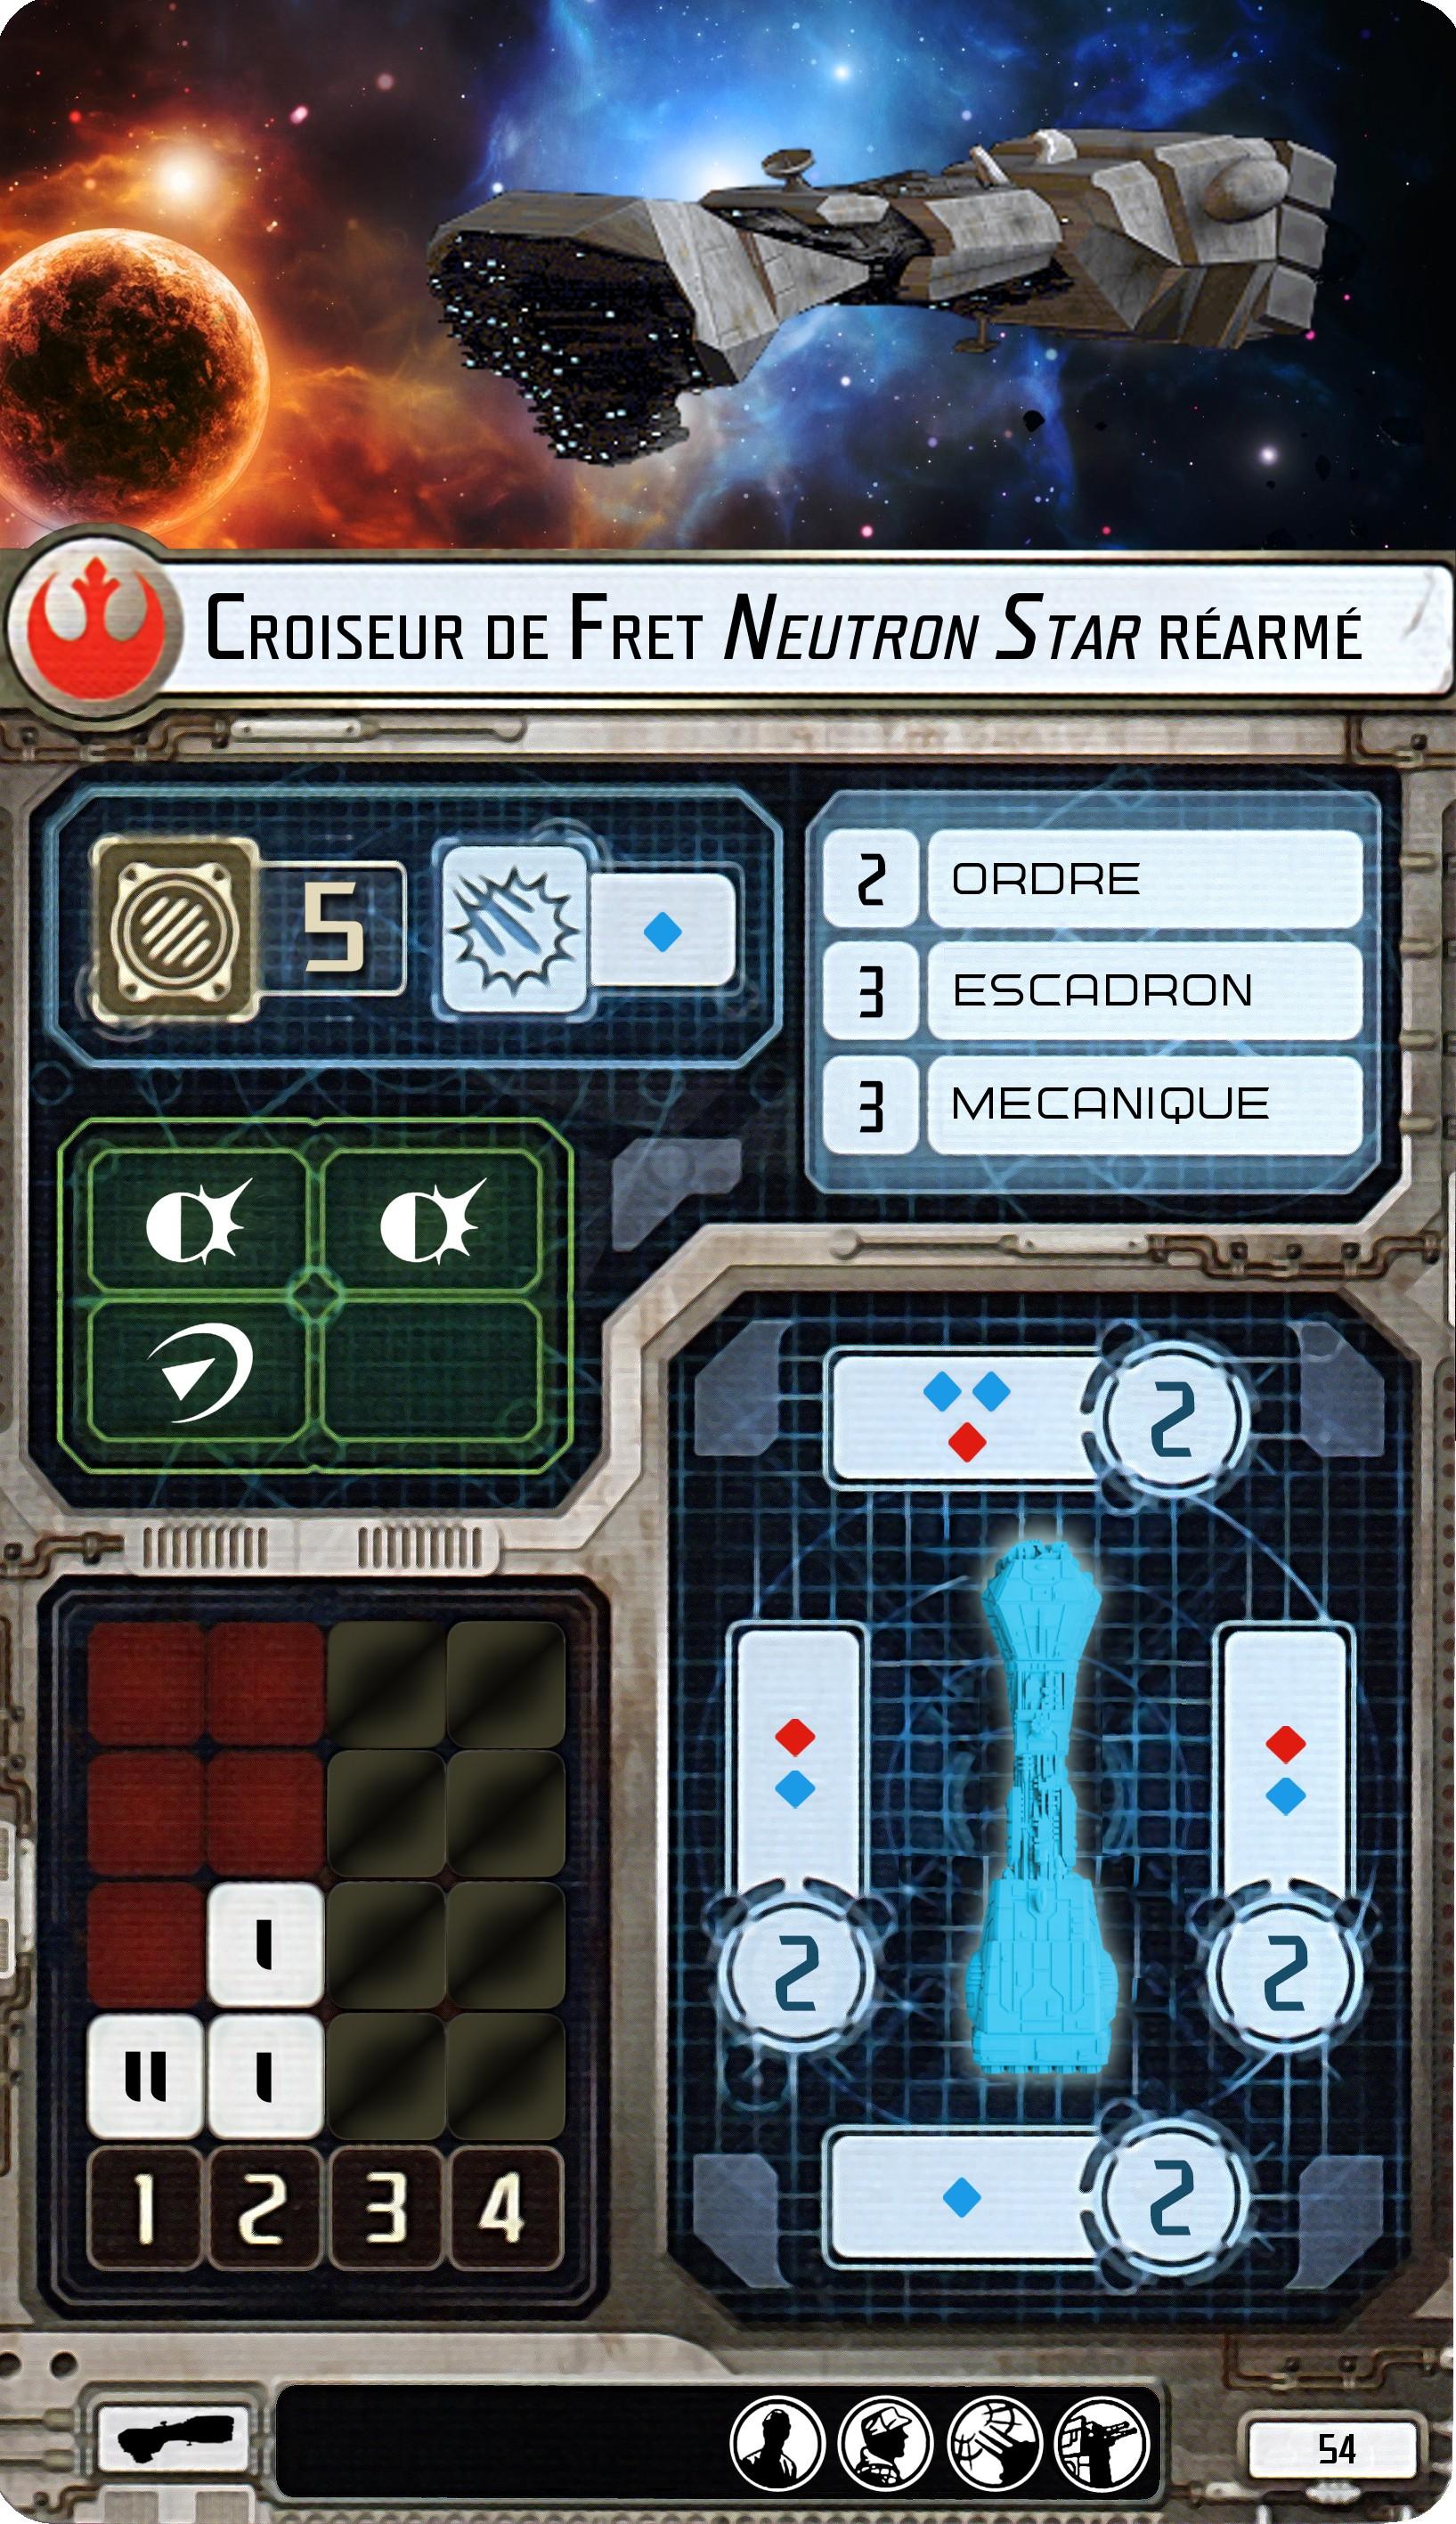 Croiseur de fret Neutron réarmé